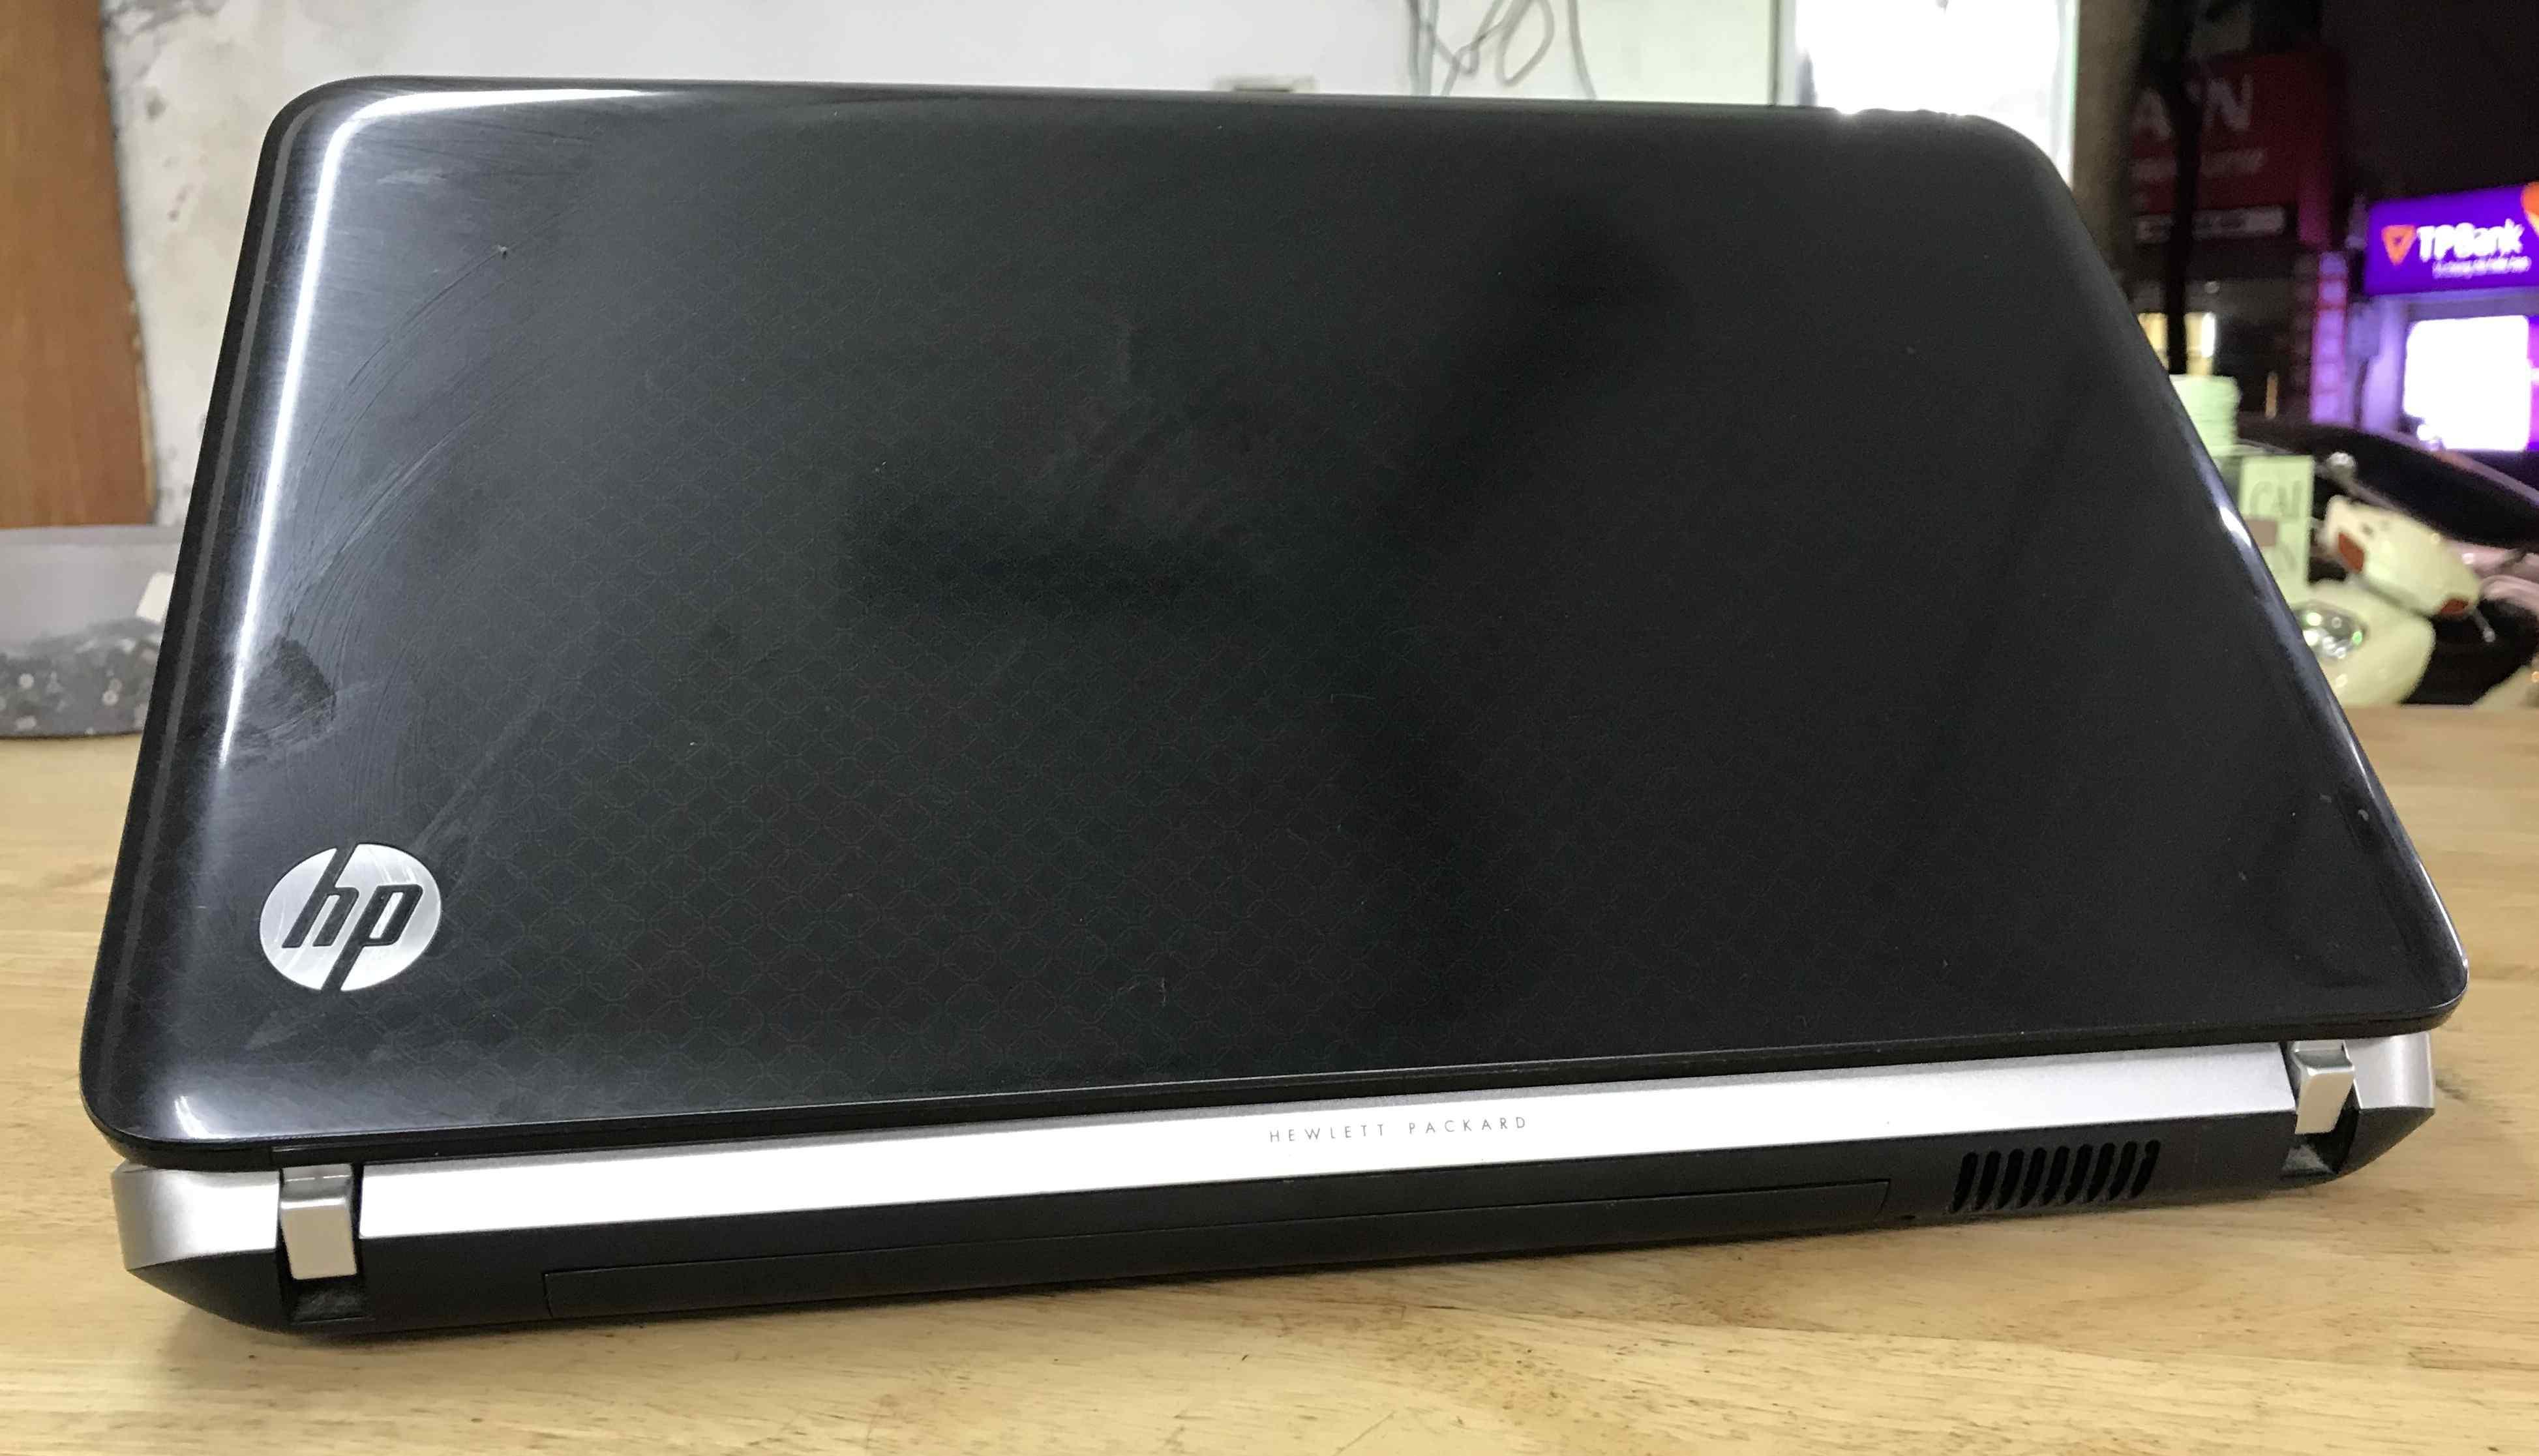 Bán laptop cũ hp pavilion dv6